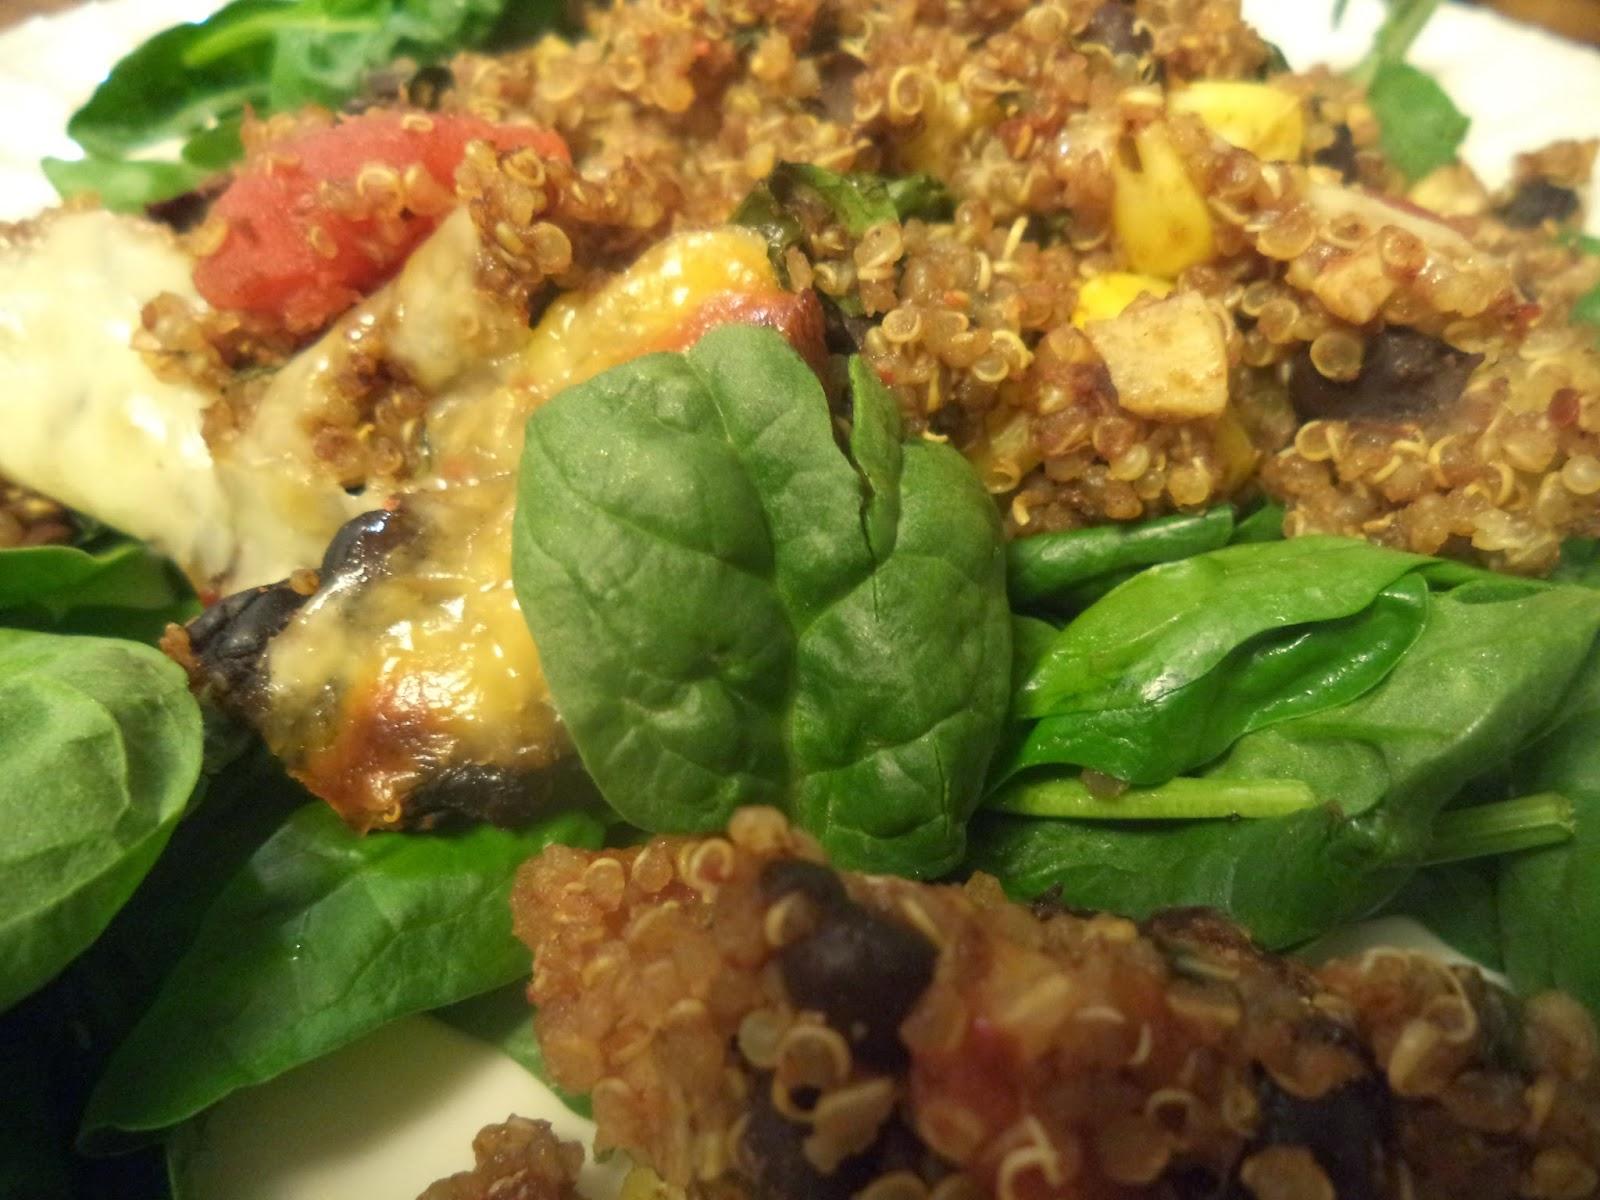 ... : Black Bean Spinach Quinoa Bake (+ Pico de Gallo & Homemade Chips